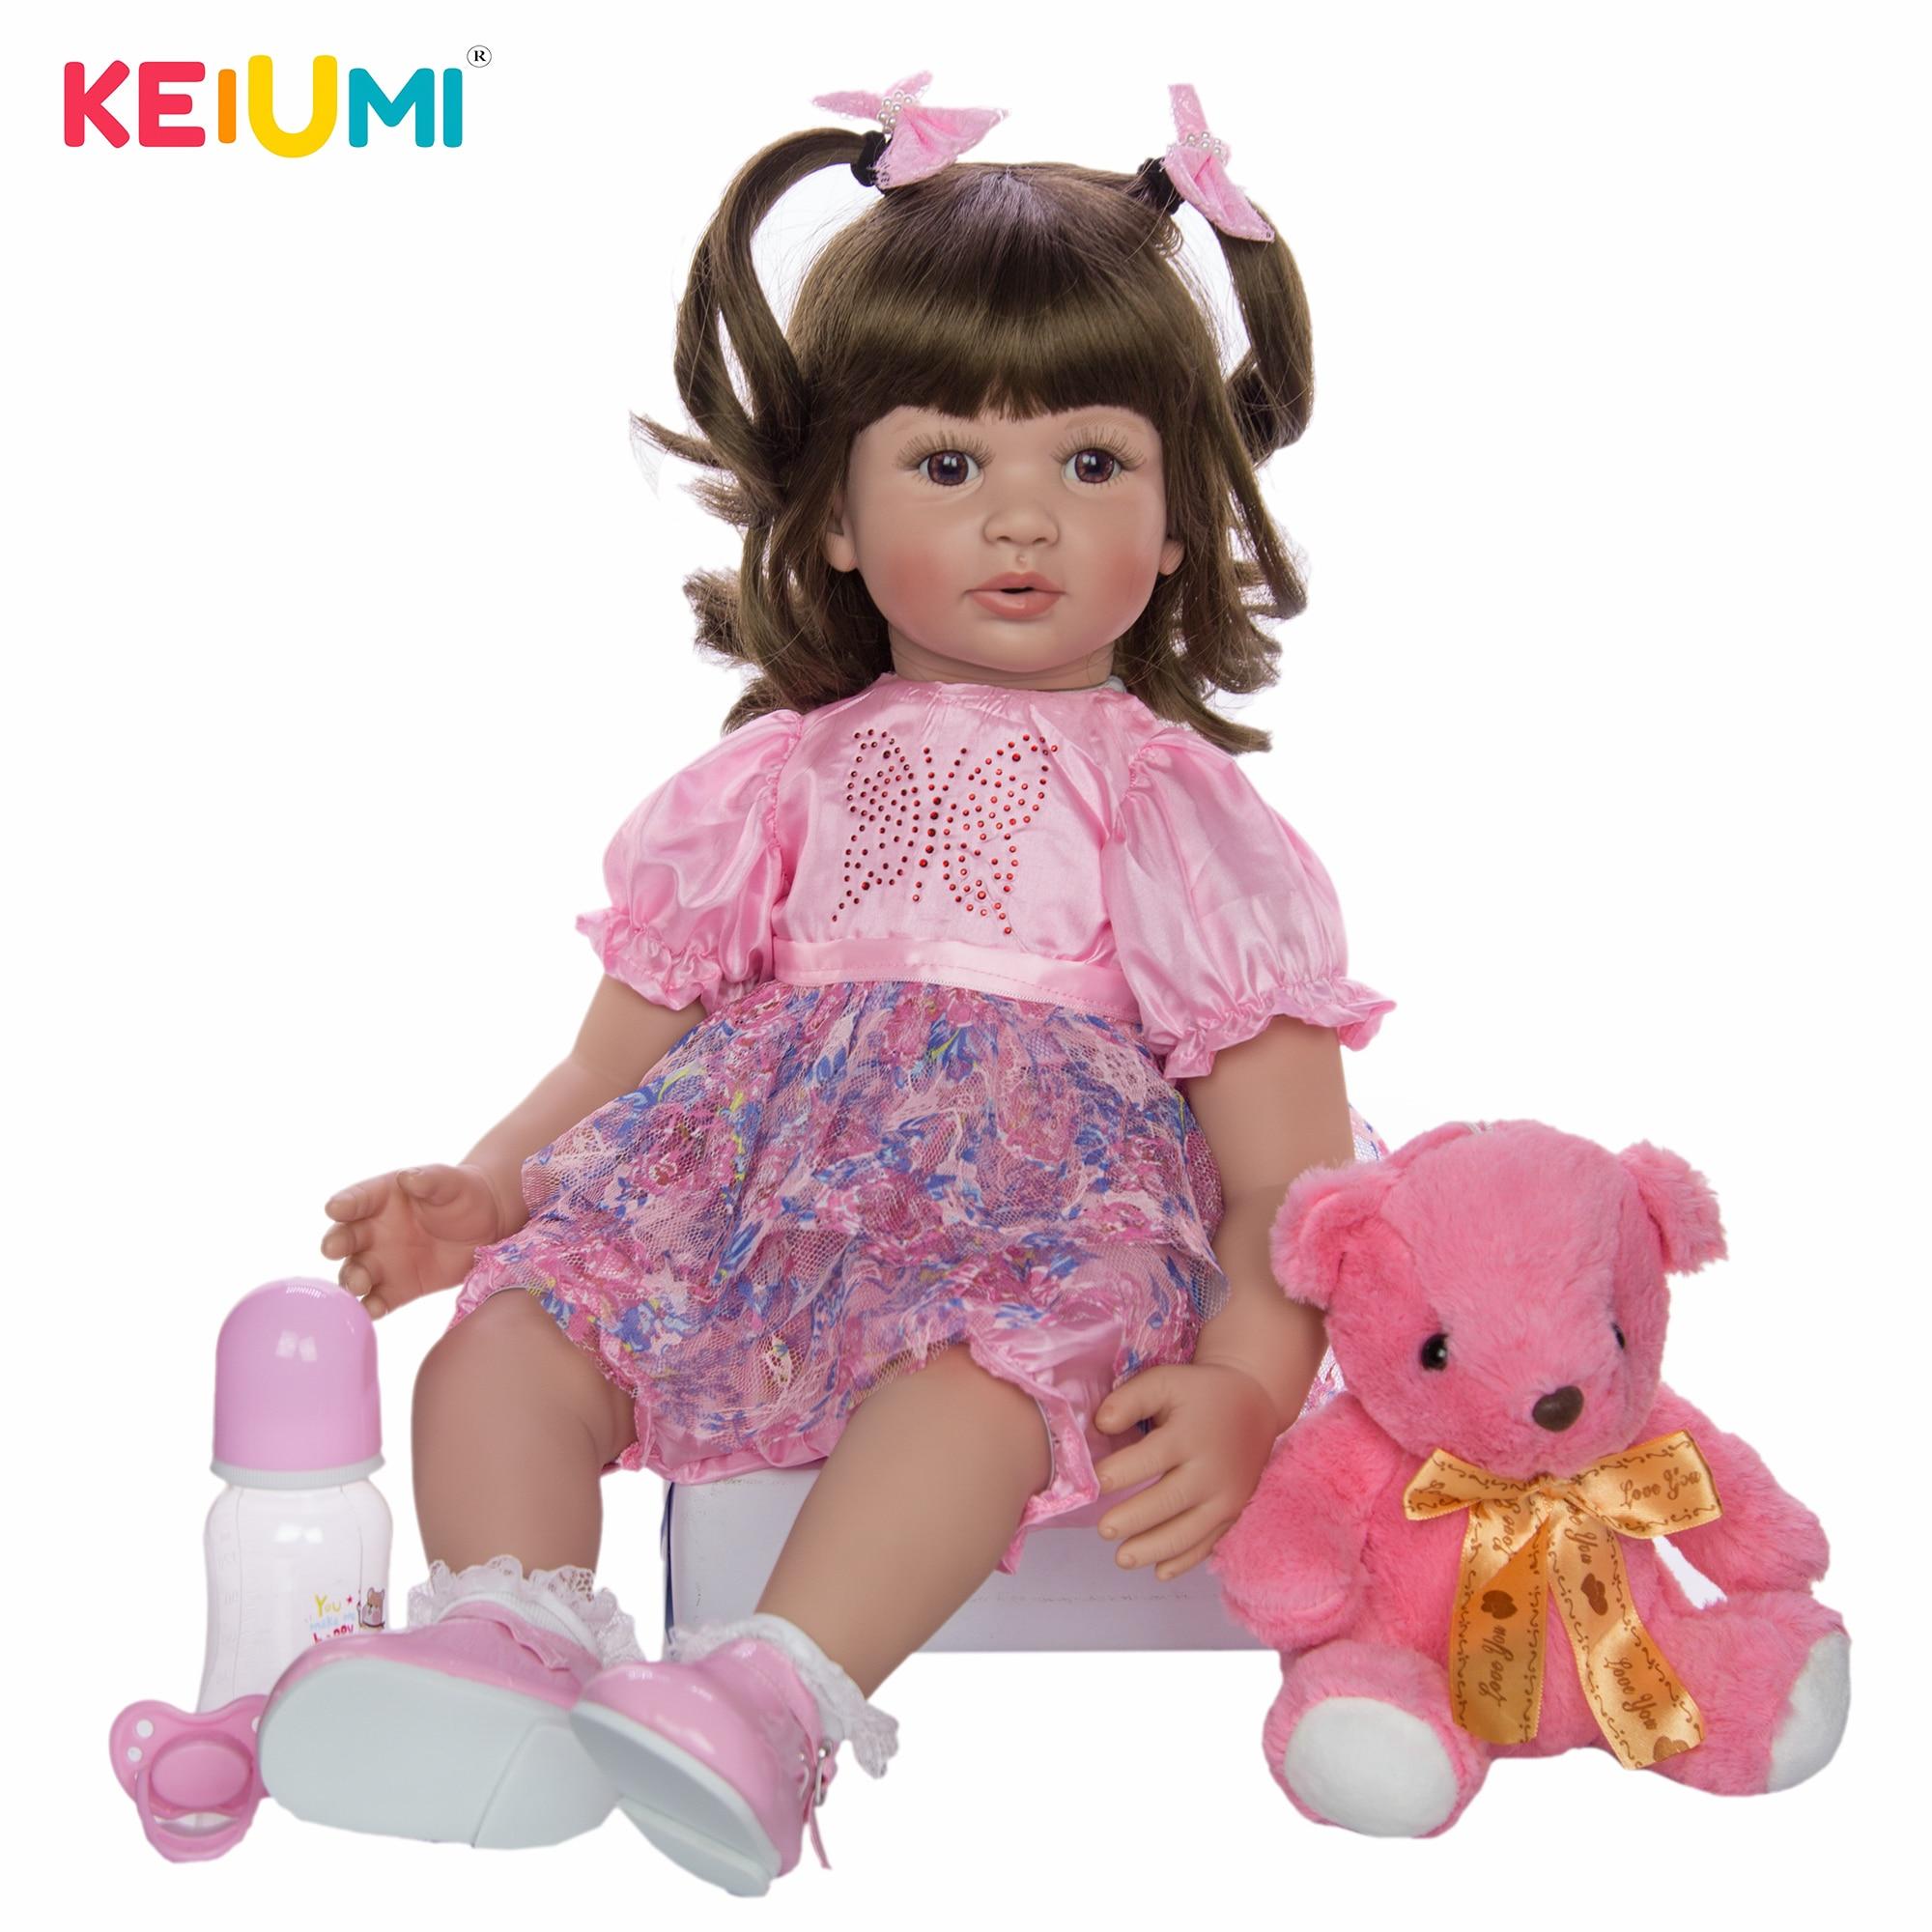 KEIUMI 24 Inch Reborn Puppen 60cm Tuch Körper Neugeborenen Mädchen Babys Spielzeug Prinzessin Boneca Baby Puppe Für Verkauf Kid geburtstag Geschenk Sammeln